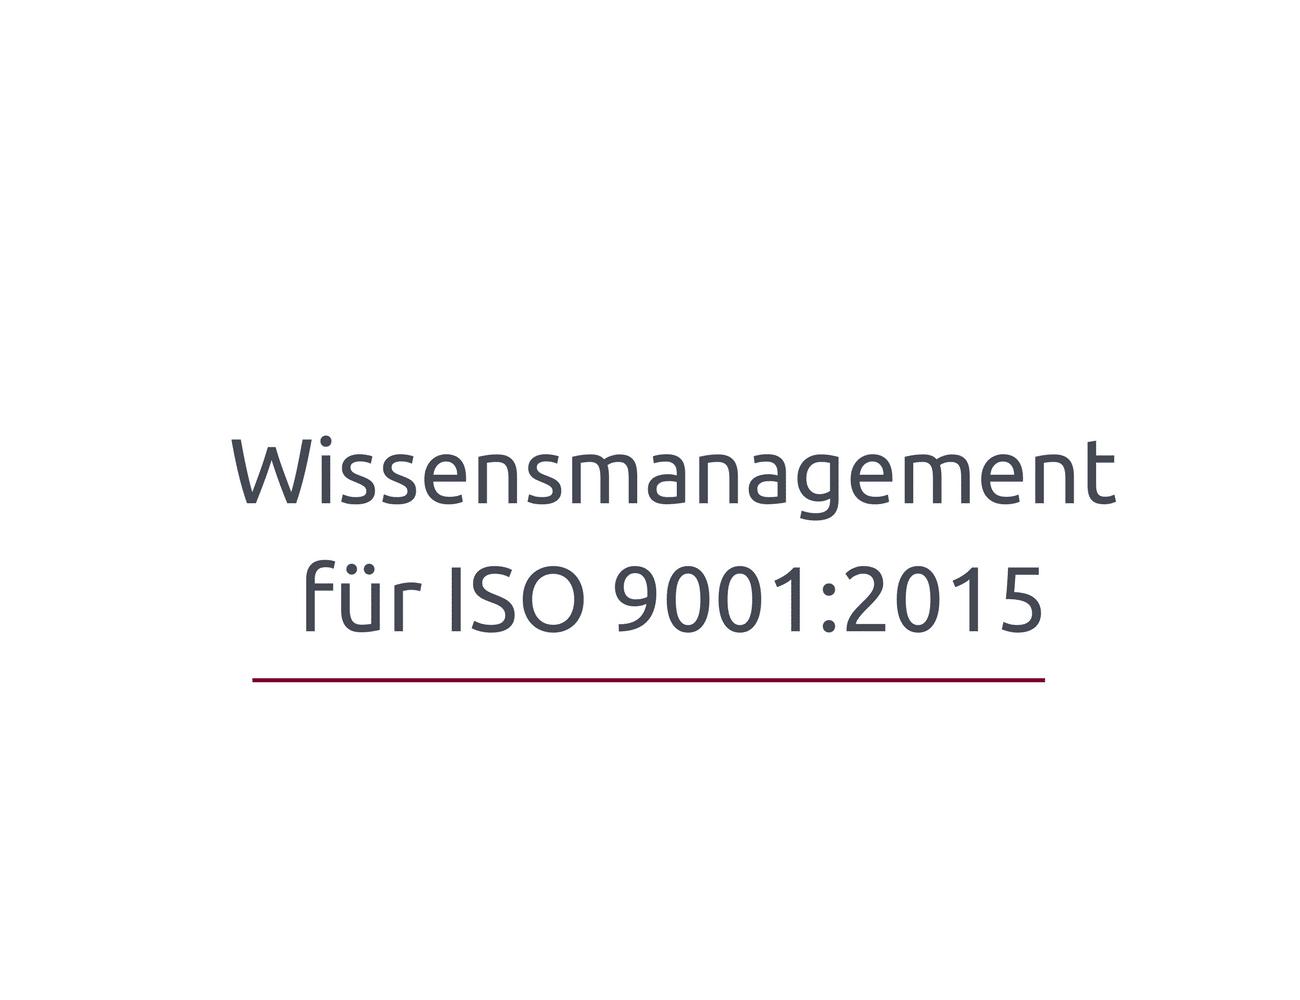 So geht Wissensmanagement für ISO 9001:2015 | Kostenfreies Webinar am 19.1.2018